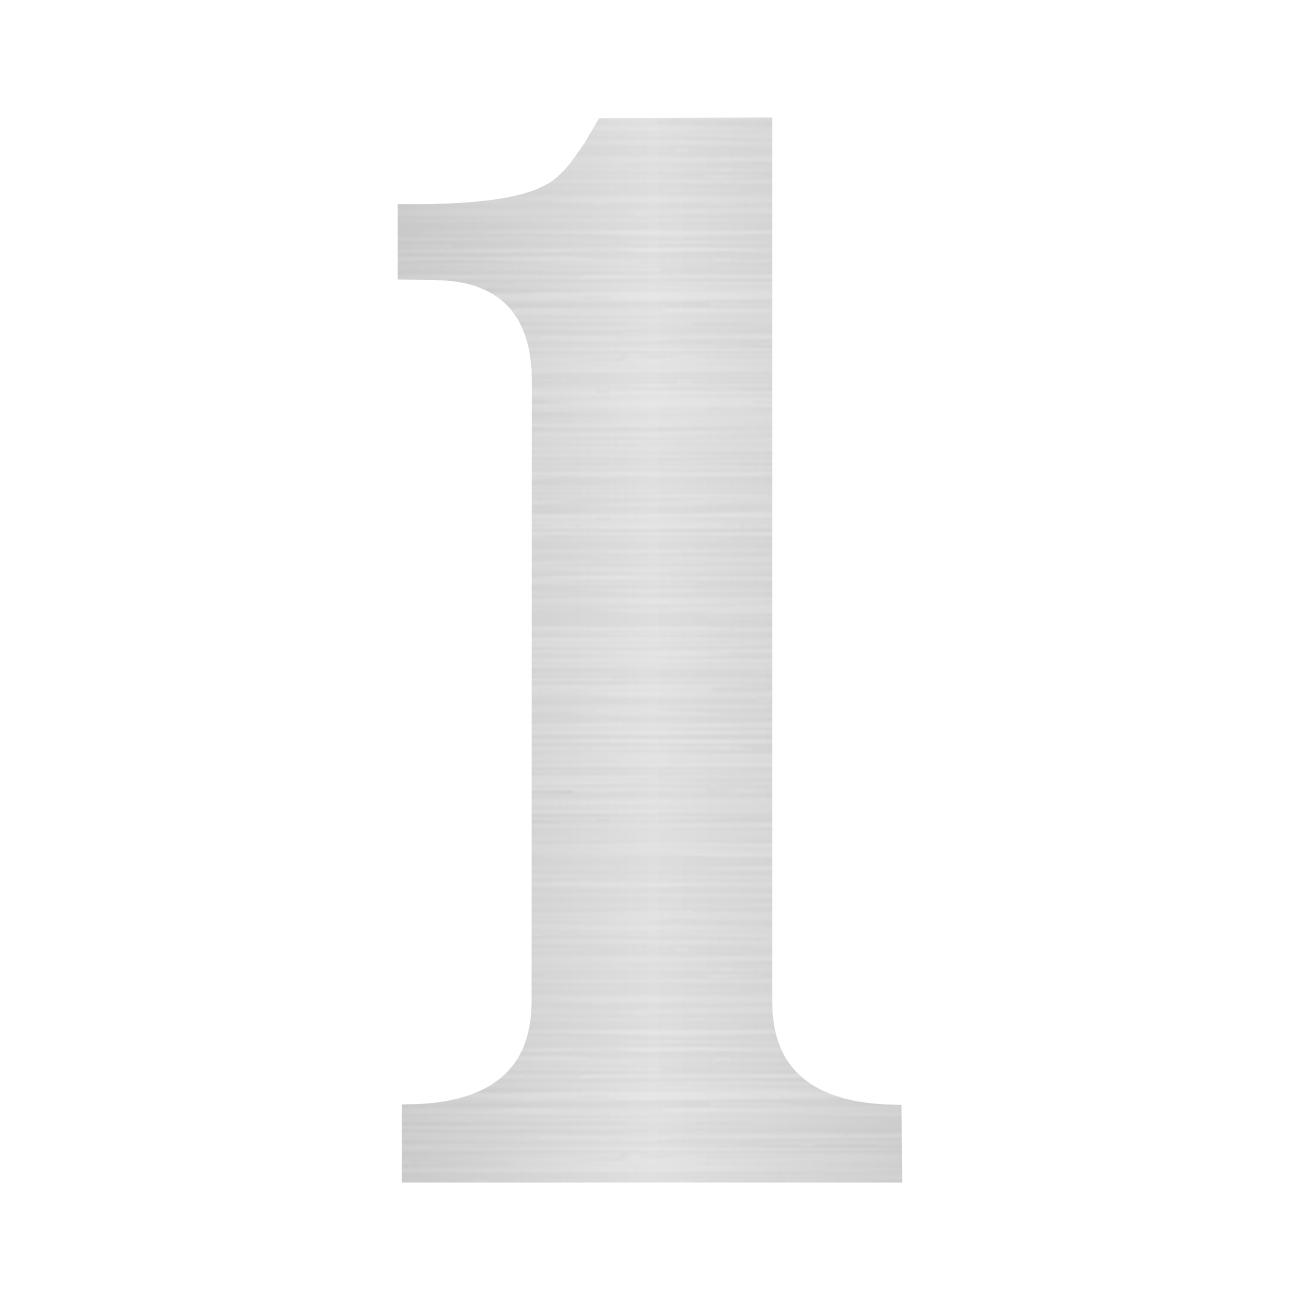 تابلو نشانگر مستر راد طرح پلاک واحد شماره 1کد 01 S